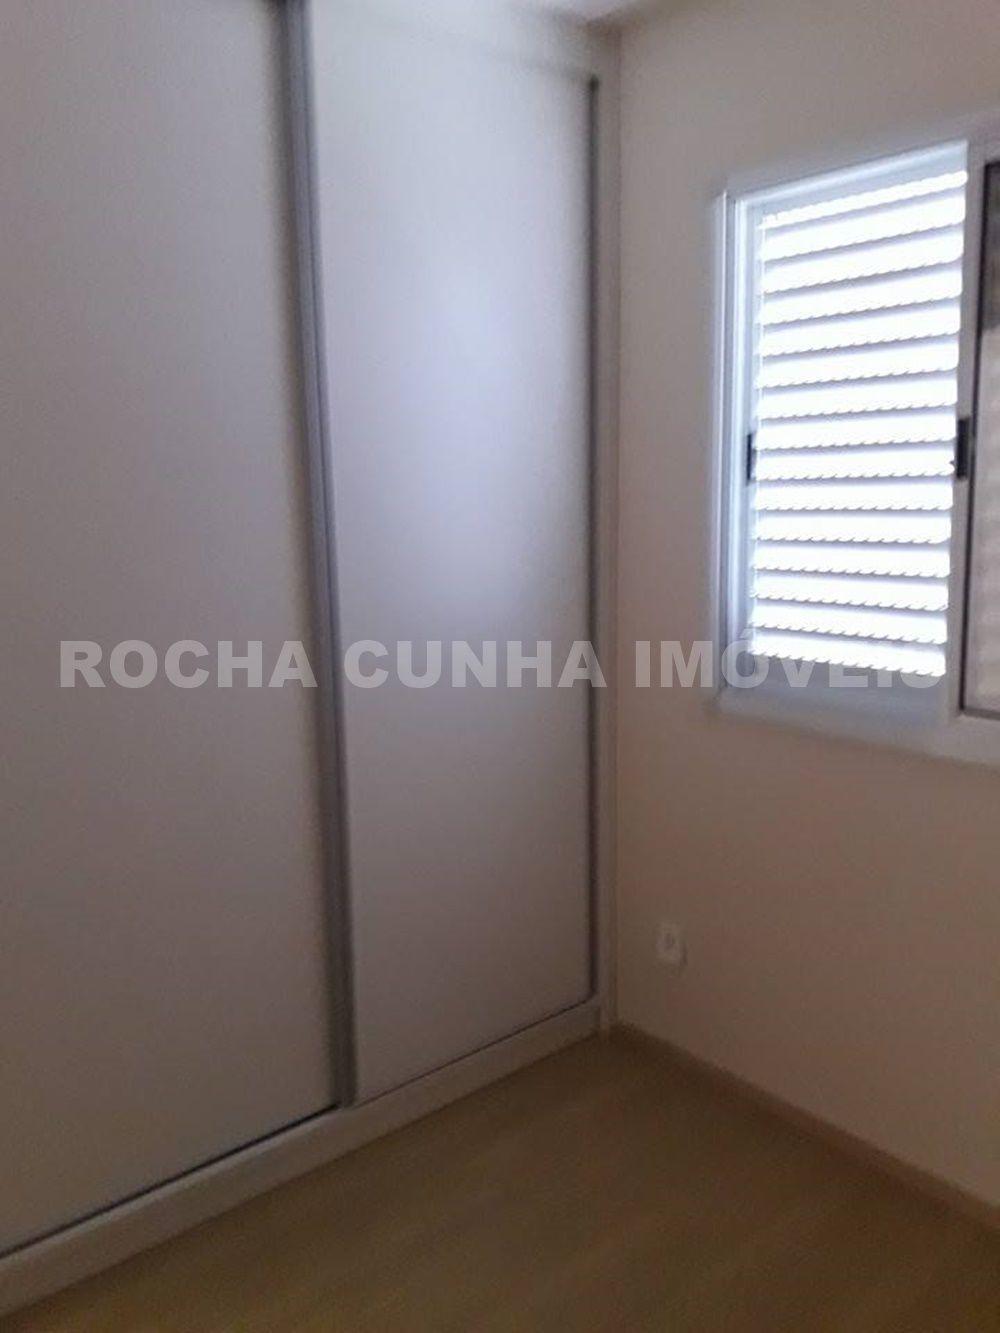 Apartamento 2 quartos à venda São Paulo,SP - R$ 325.000 - VENDA0060 - 15